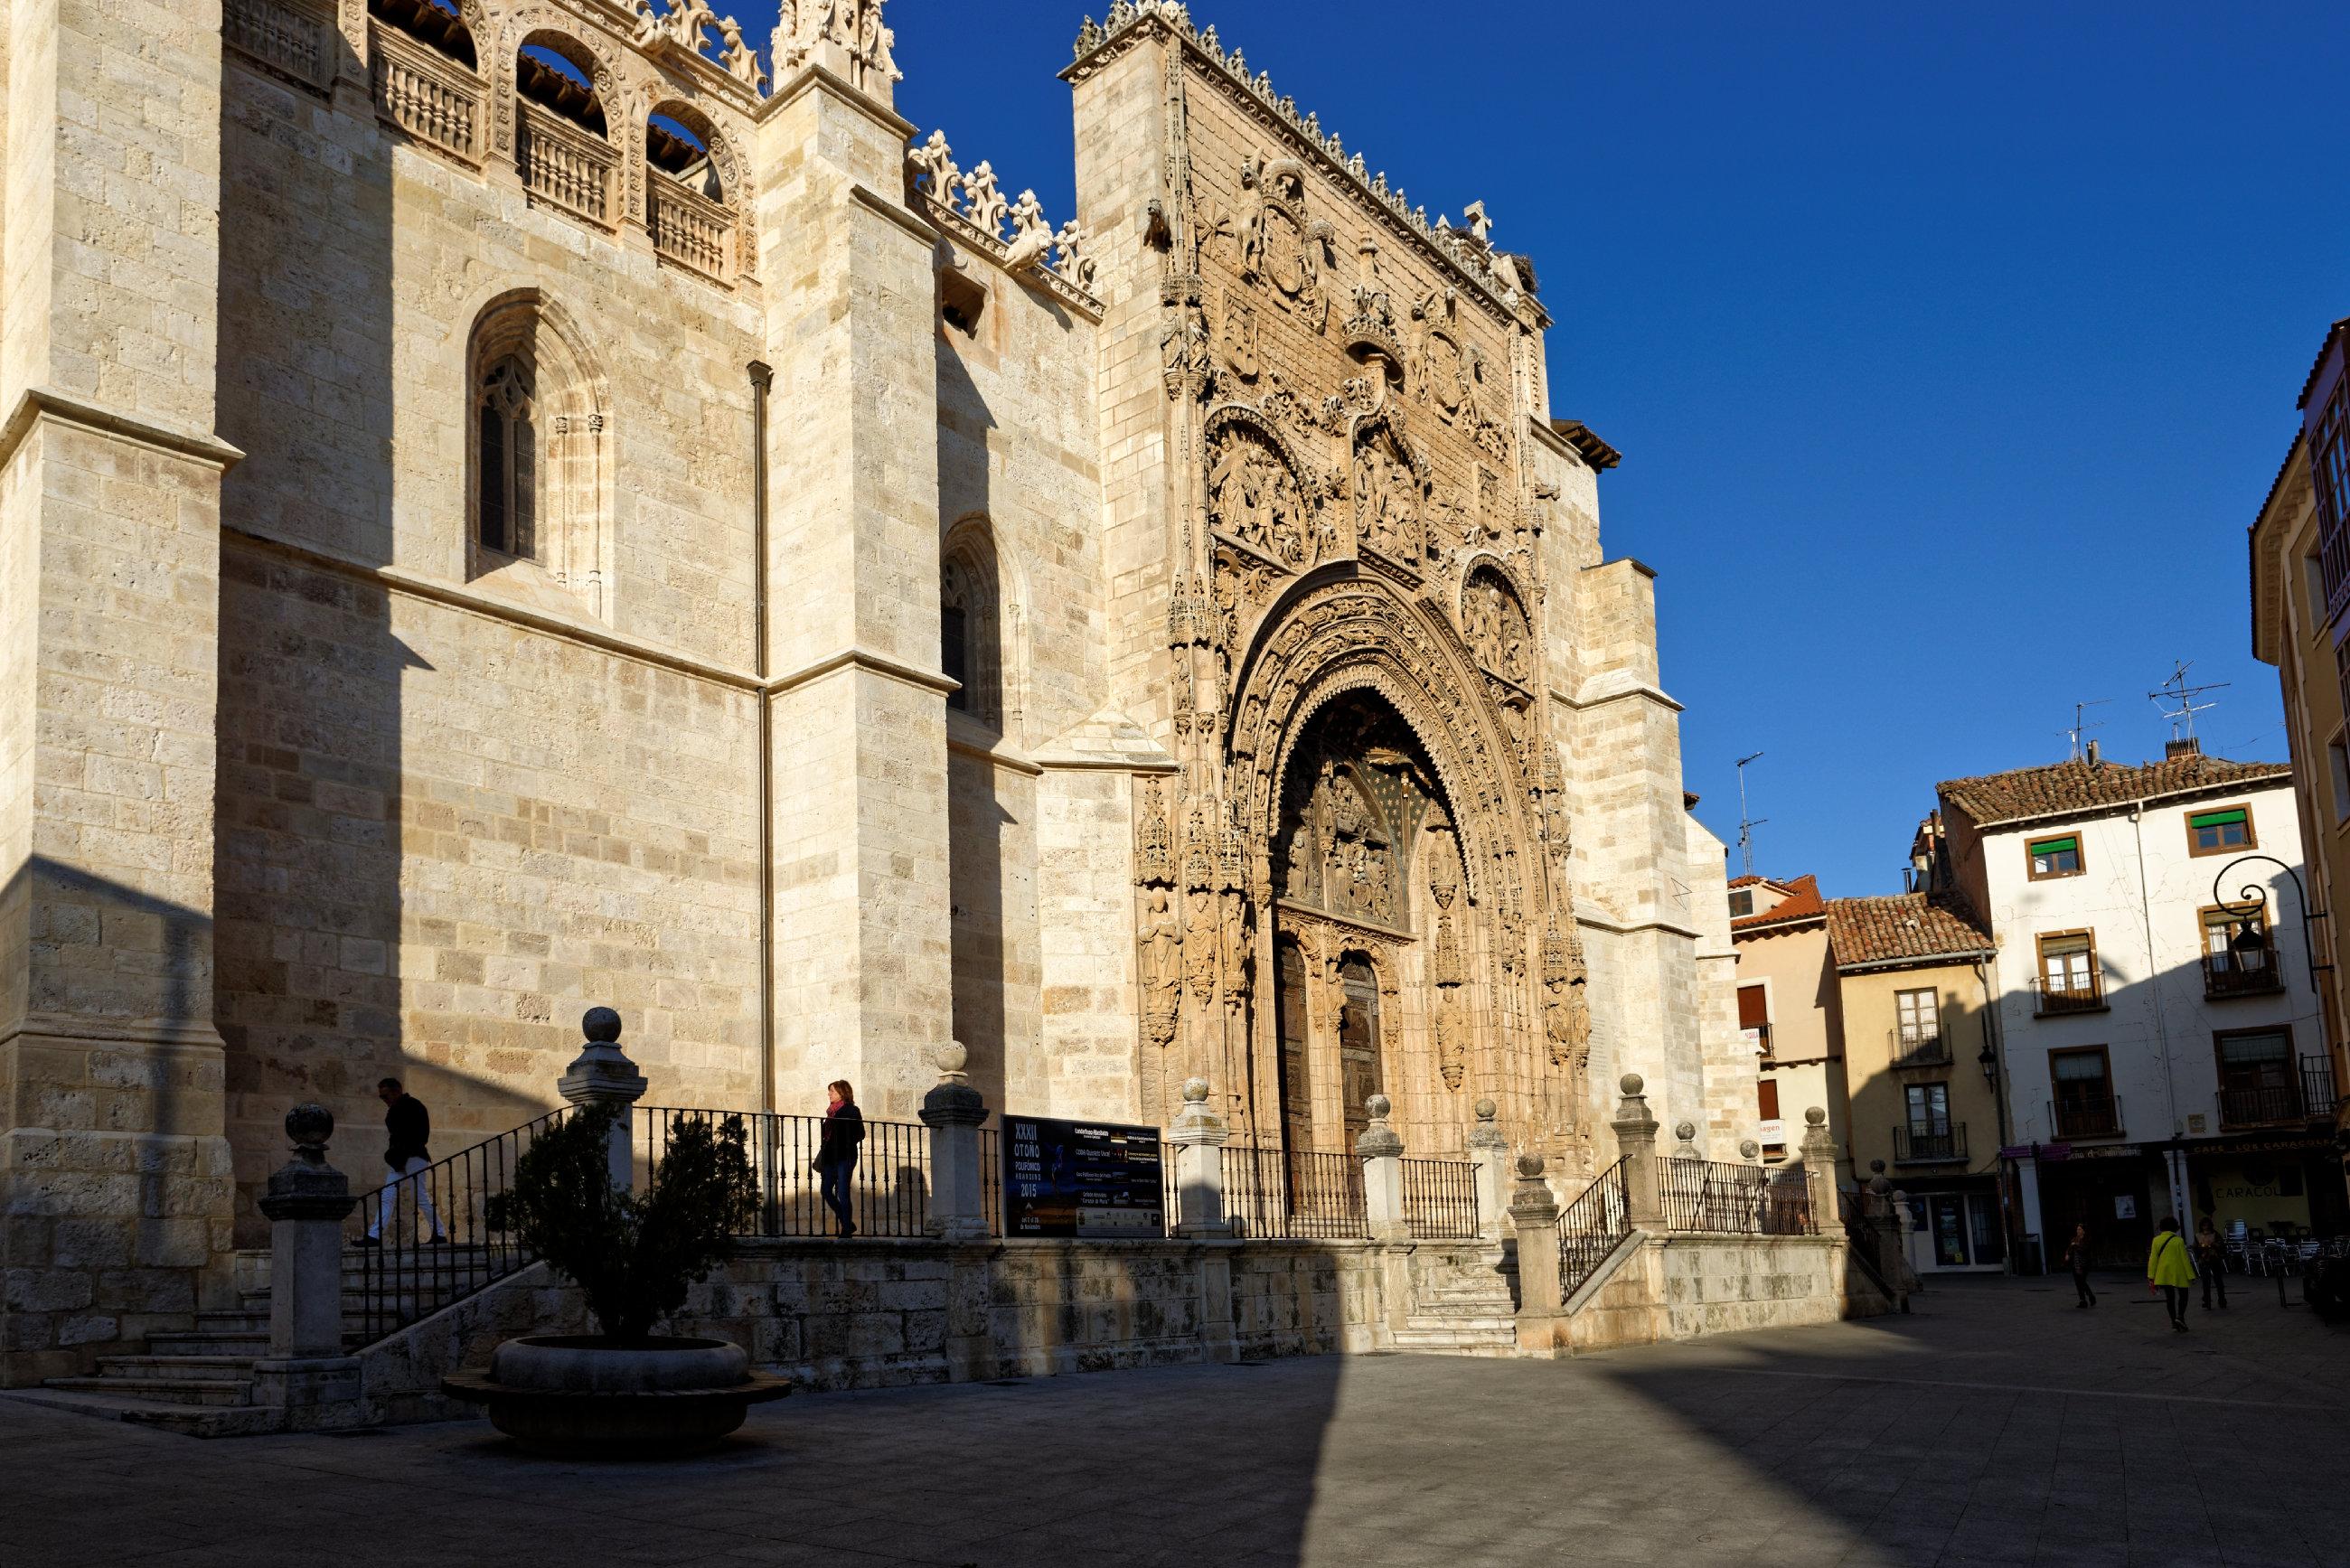 151101-Aranda de Duero (26)